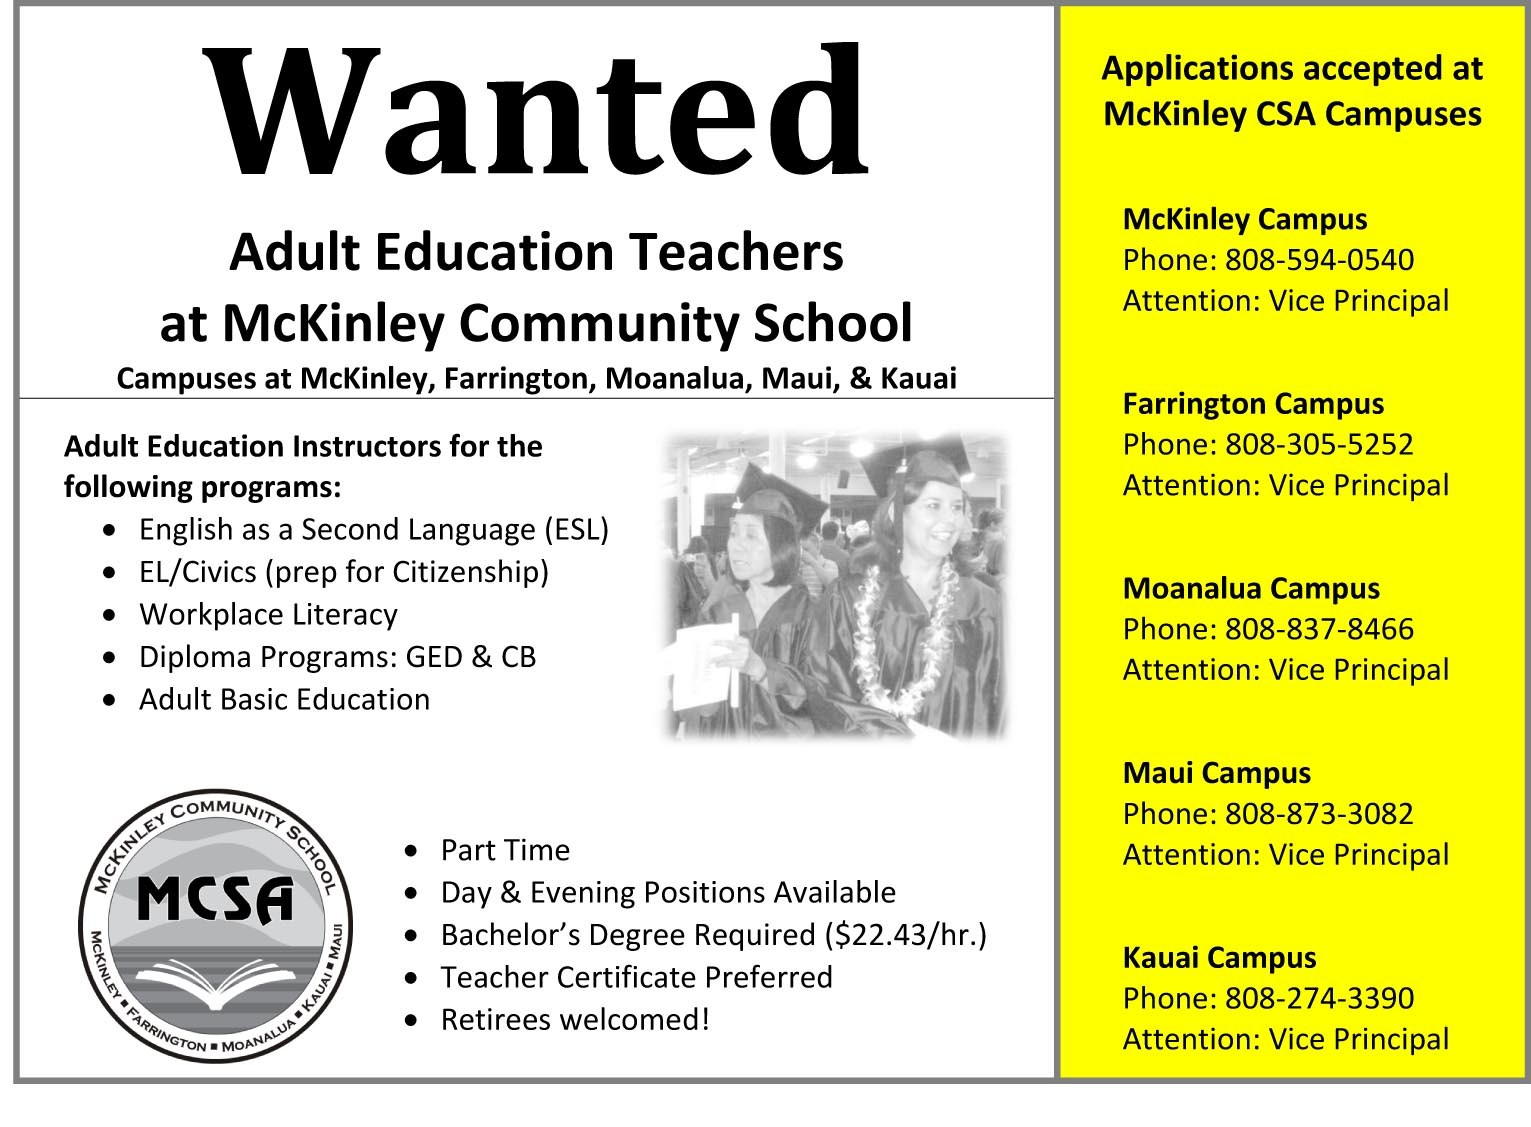 adult Jobs educaction openings